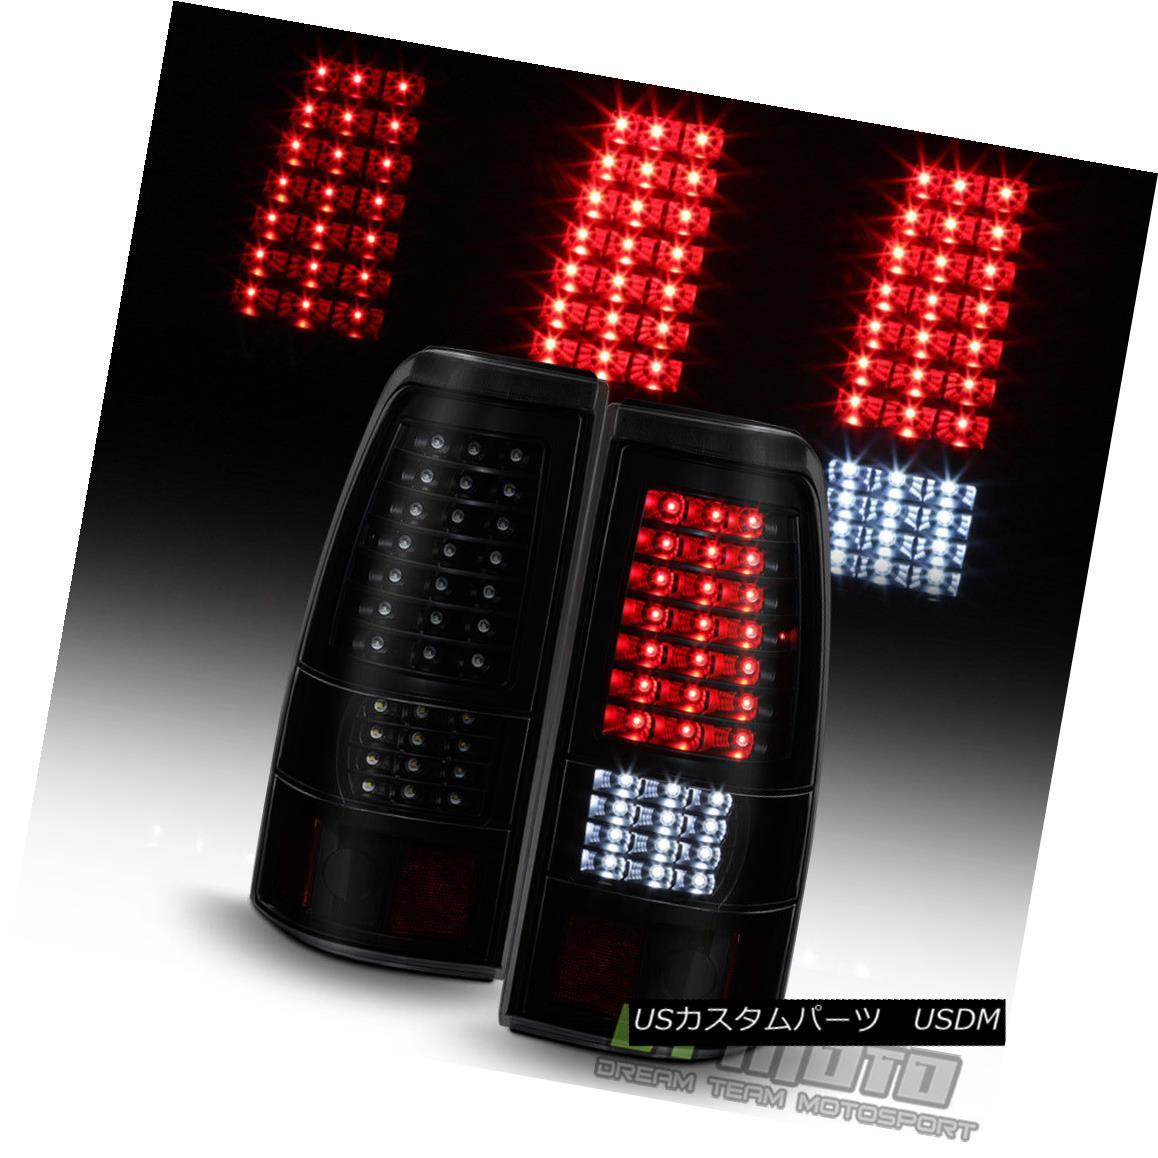 テールライト Black Smoke 1999-2006 GMC Sierra 1999-2002 Chevy Silverado Full LED Tail Lights ブラックスモーク1999-2006 GMC Sierra 1999-2002 Chevy SilveradoフルLEDテールライト